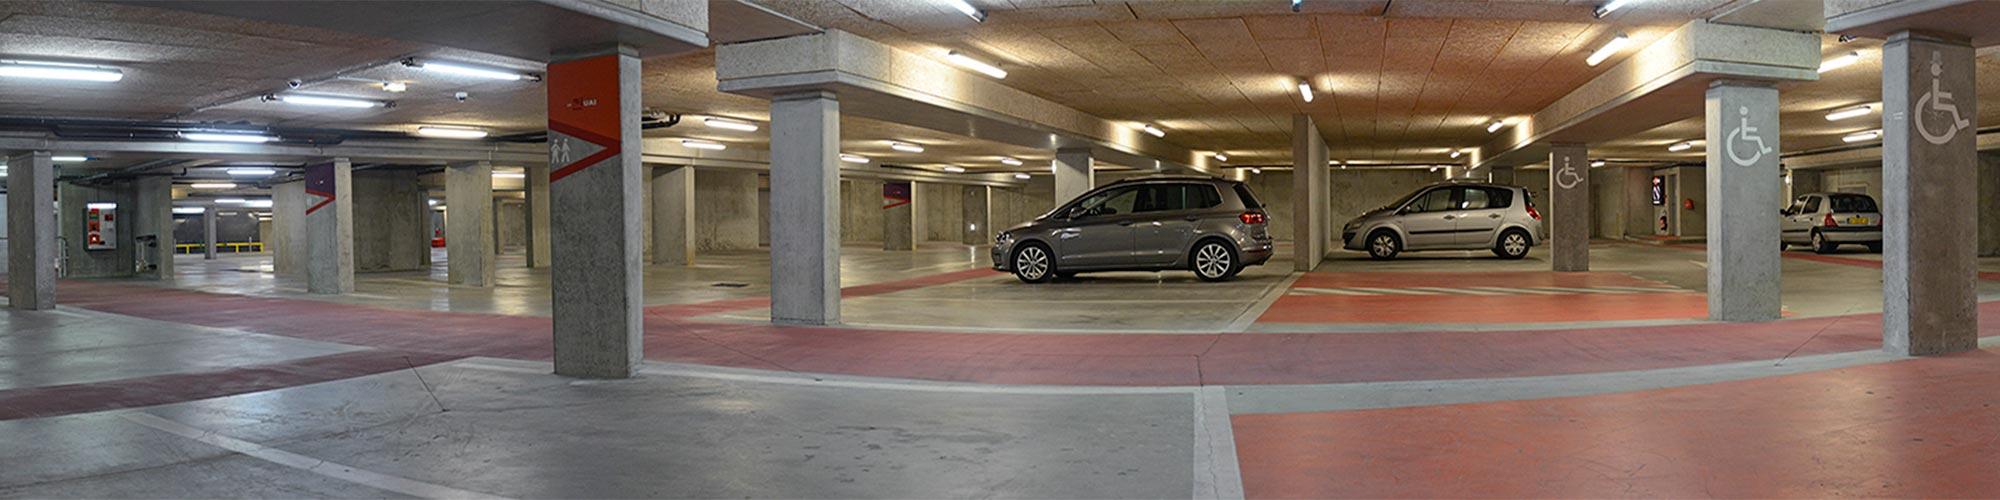 parking-le-quai